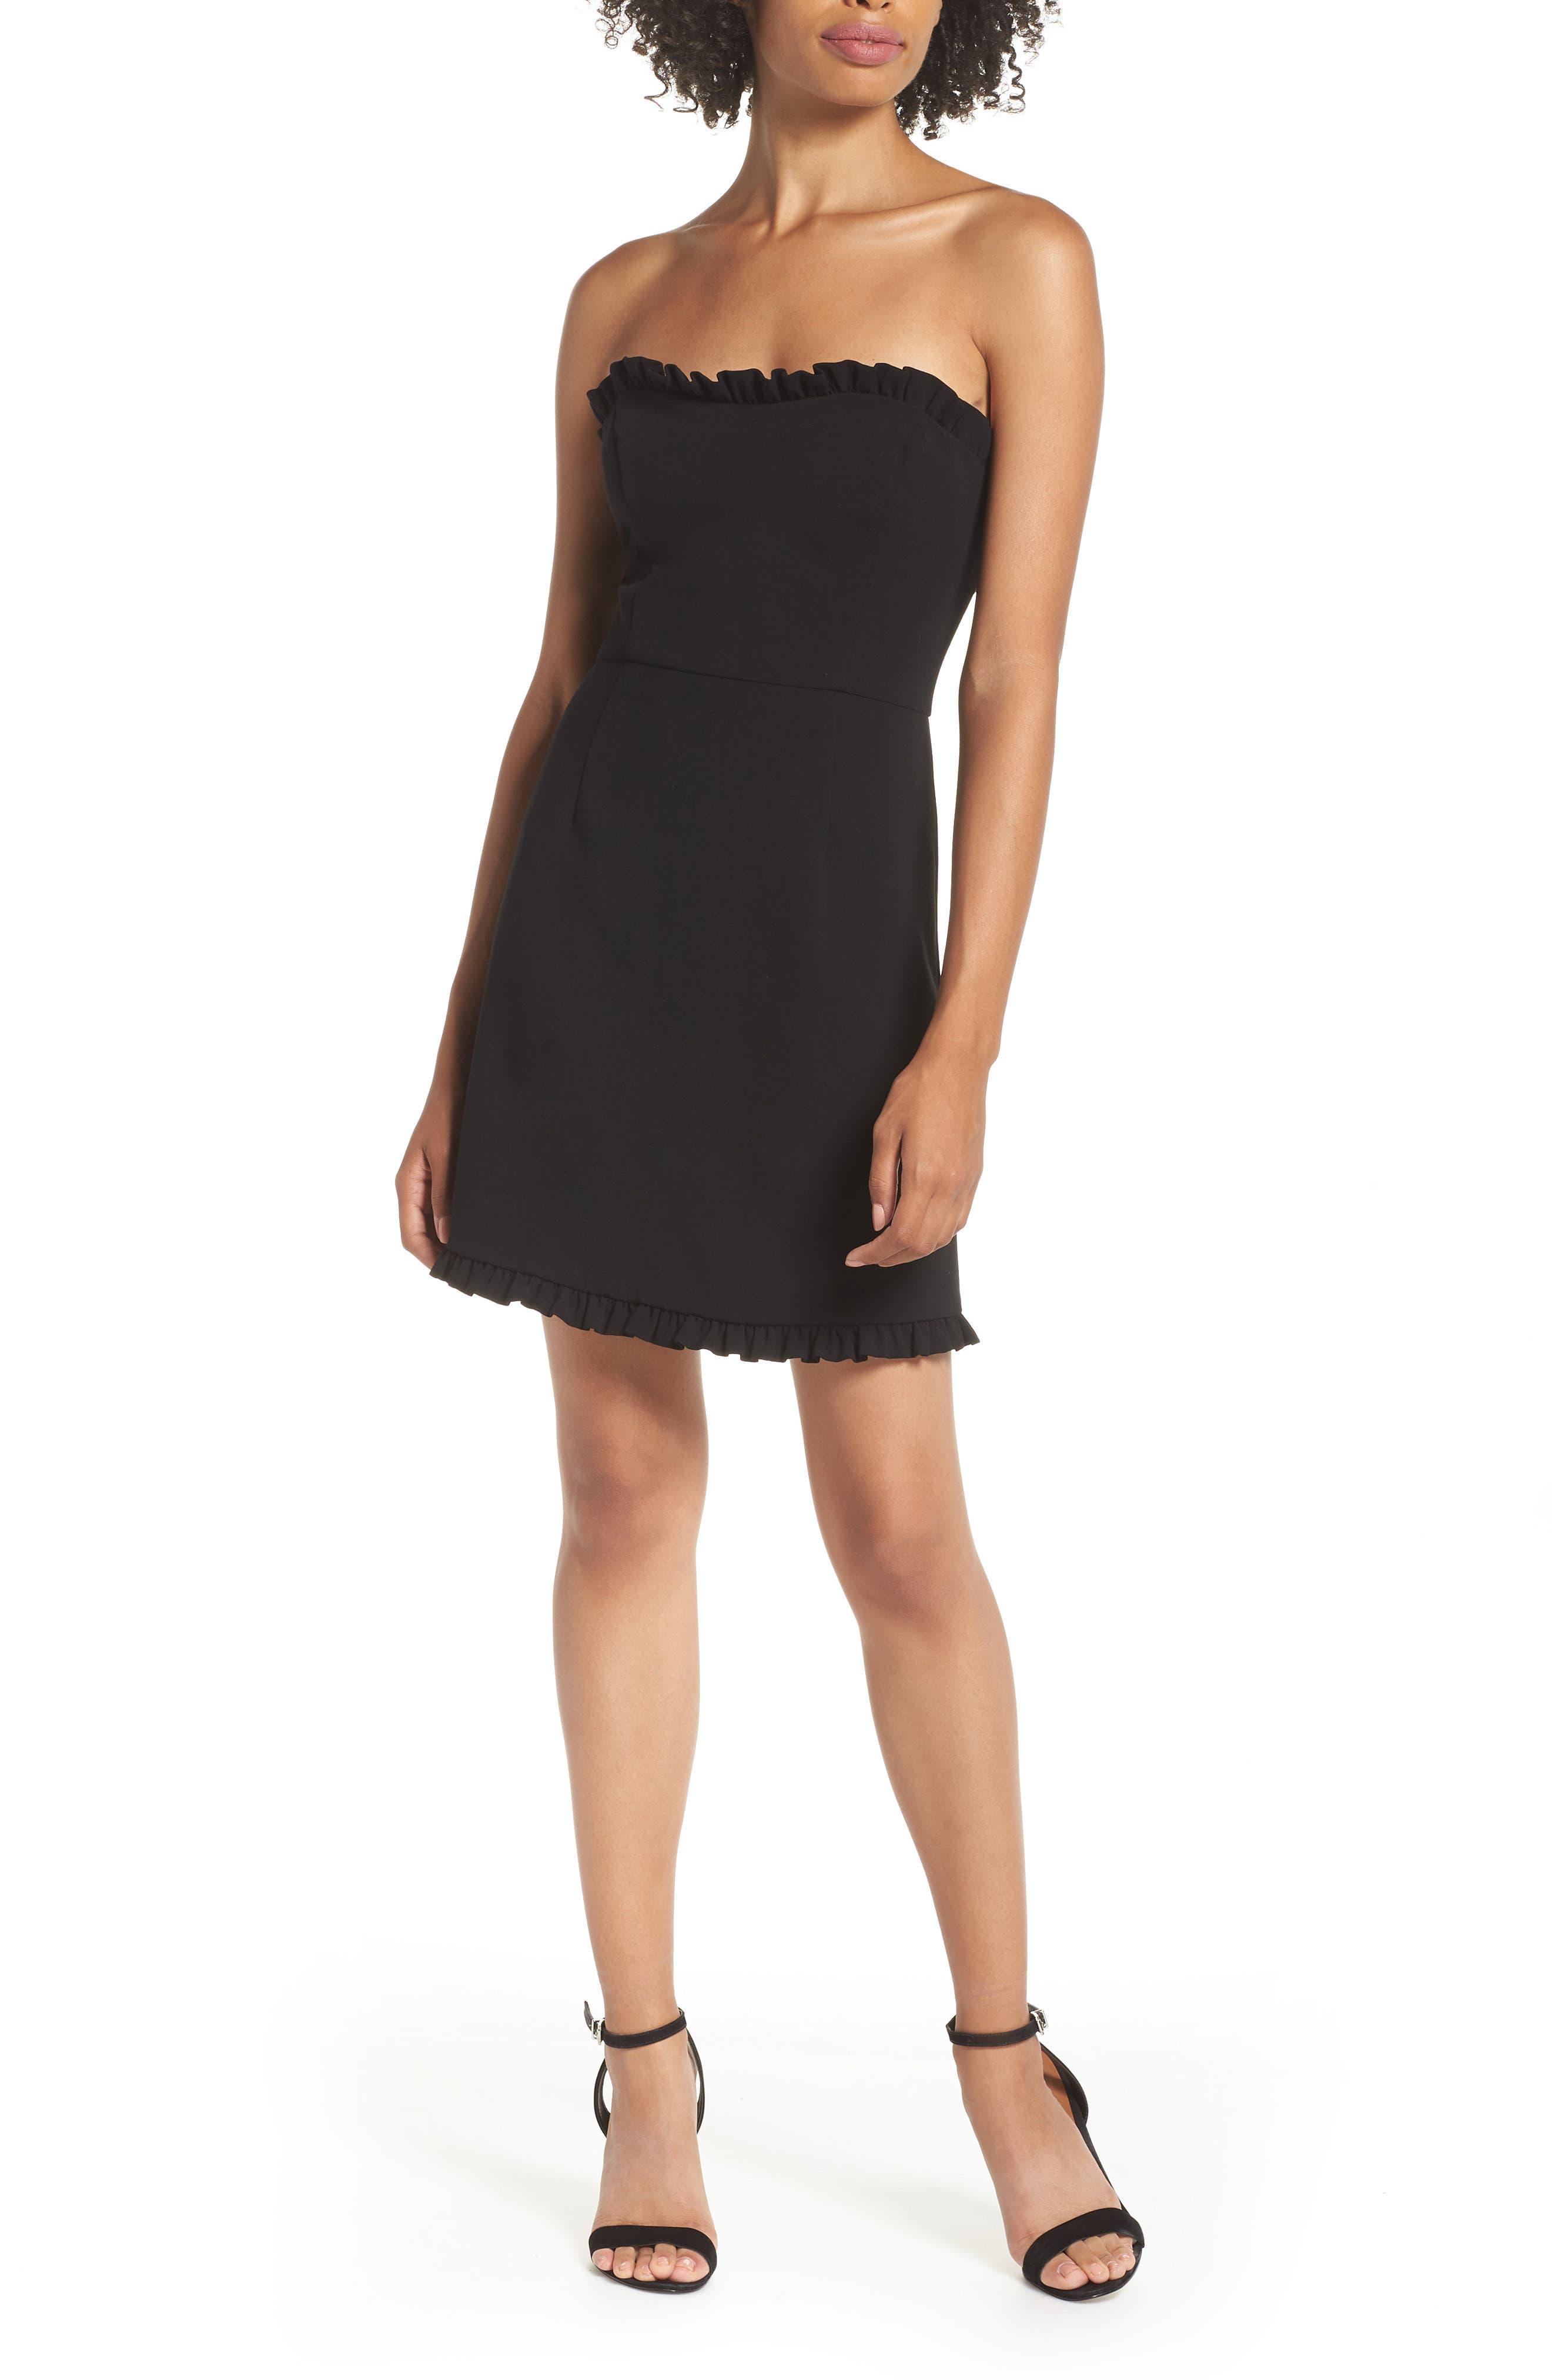 French Connection Whisper Strapless Minidress, Black